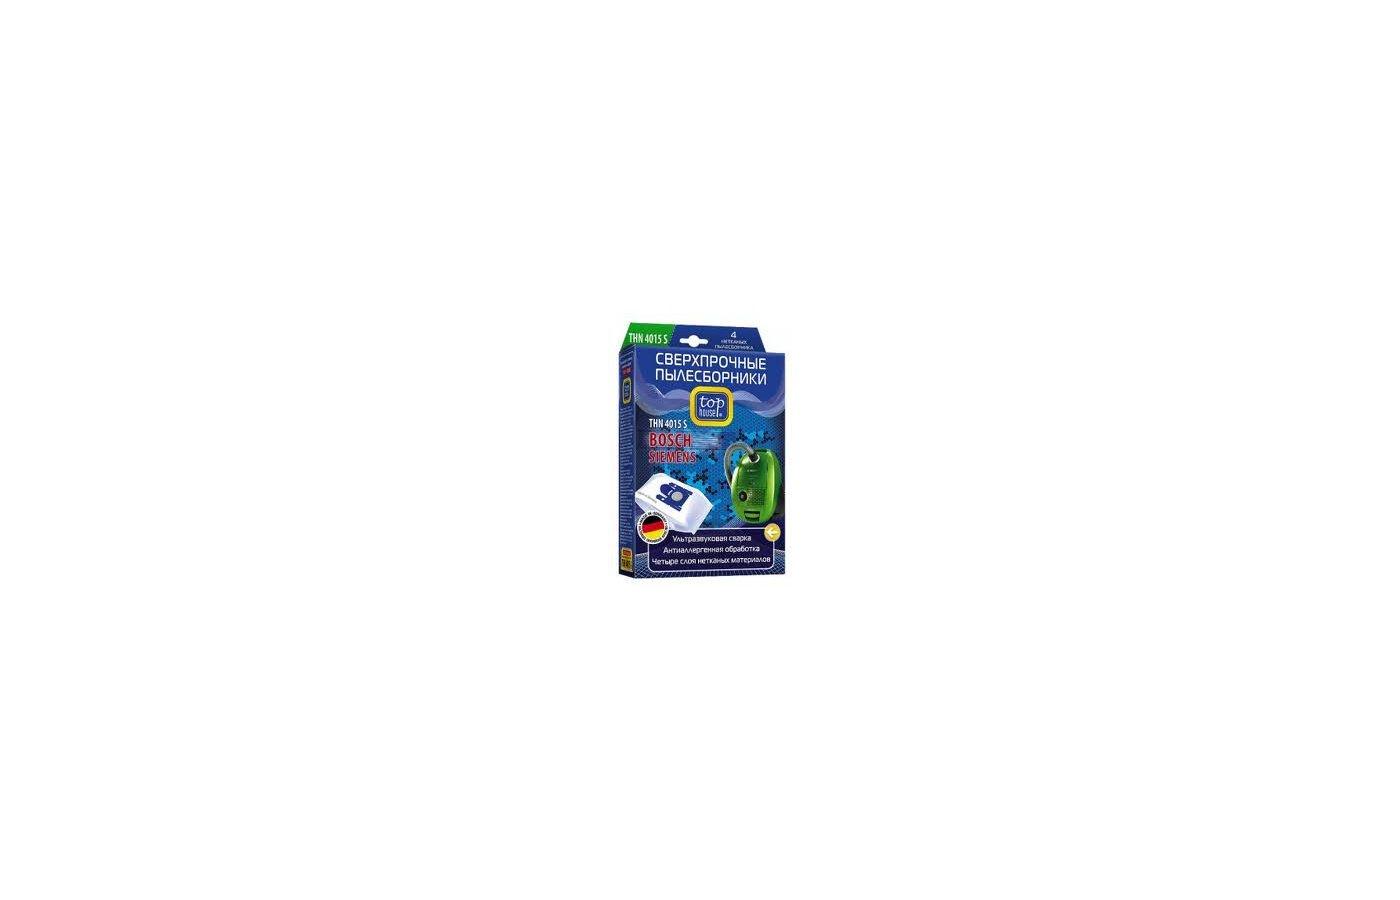 Пылесборники TOP HOUSE 64874 THN 4015 S Сверхпрочные нетканые 4 шт. для пылесосов BOSCH SIEMENS